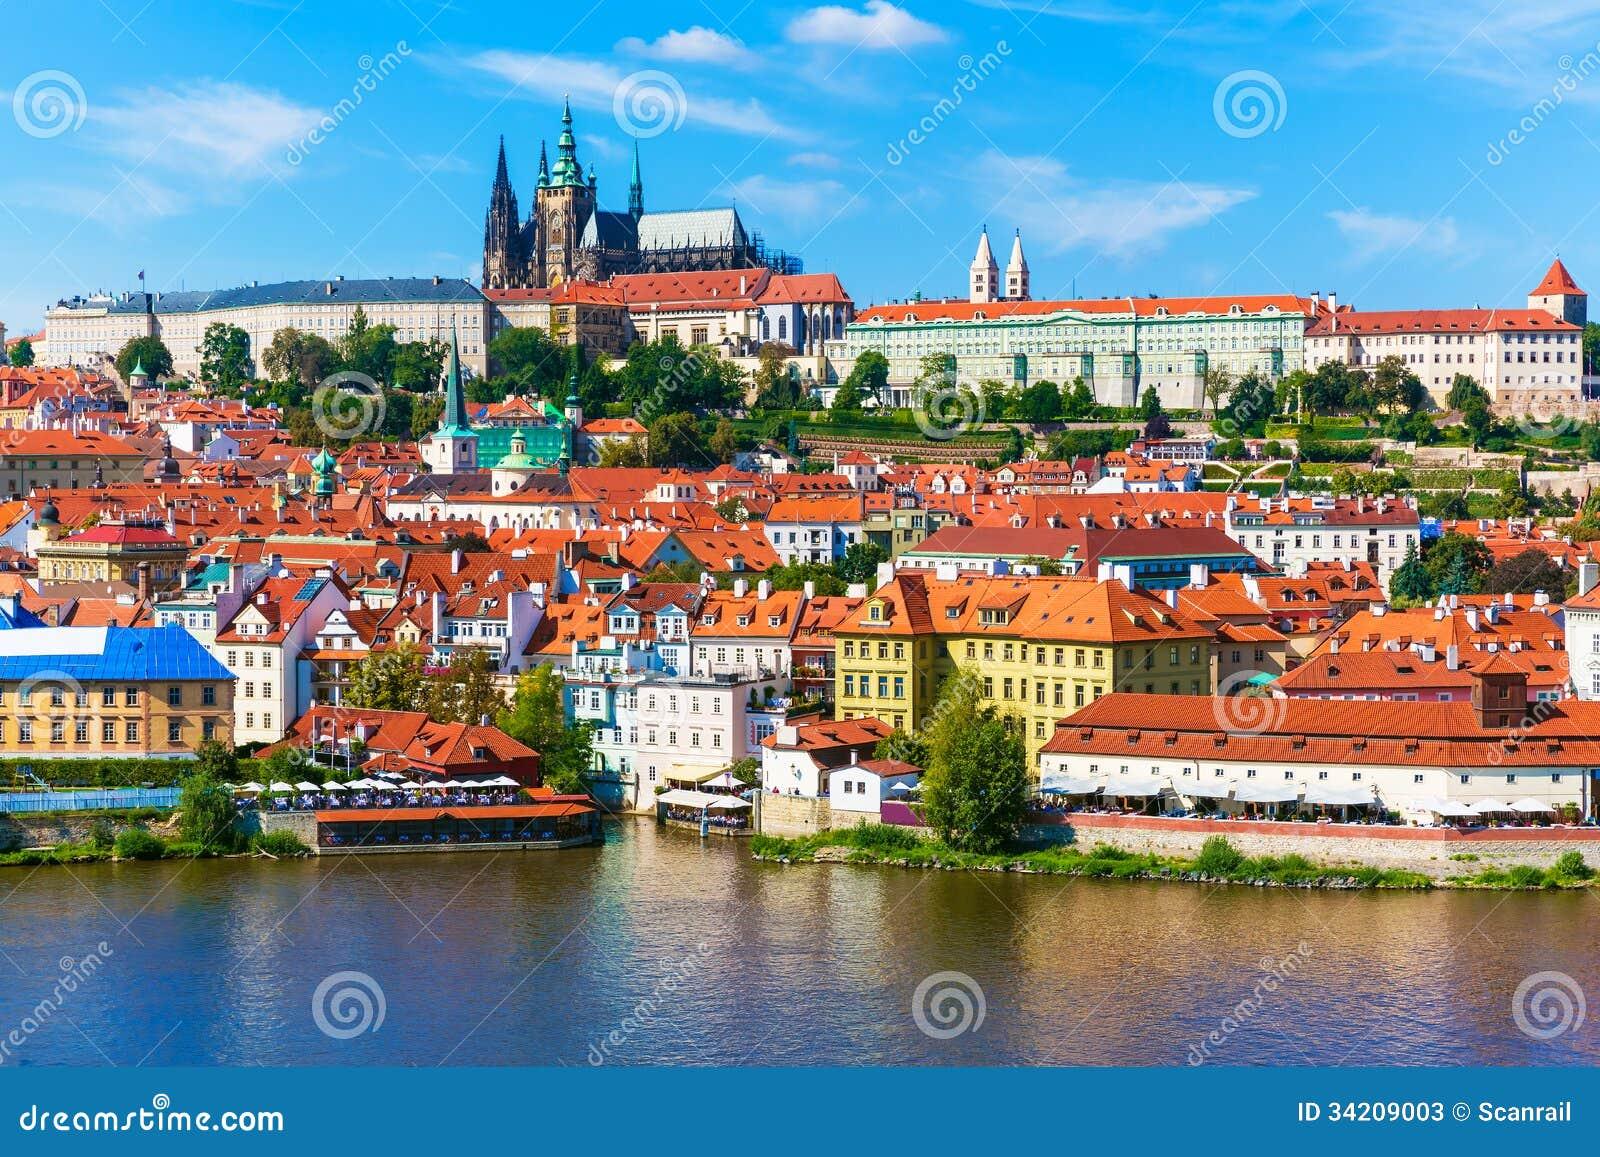 Dating prague czech republic